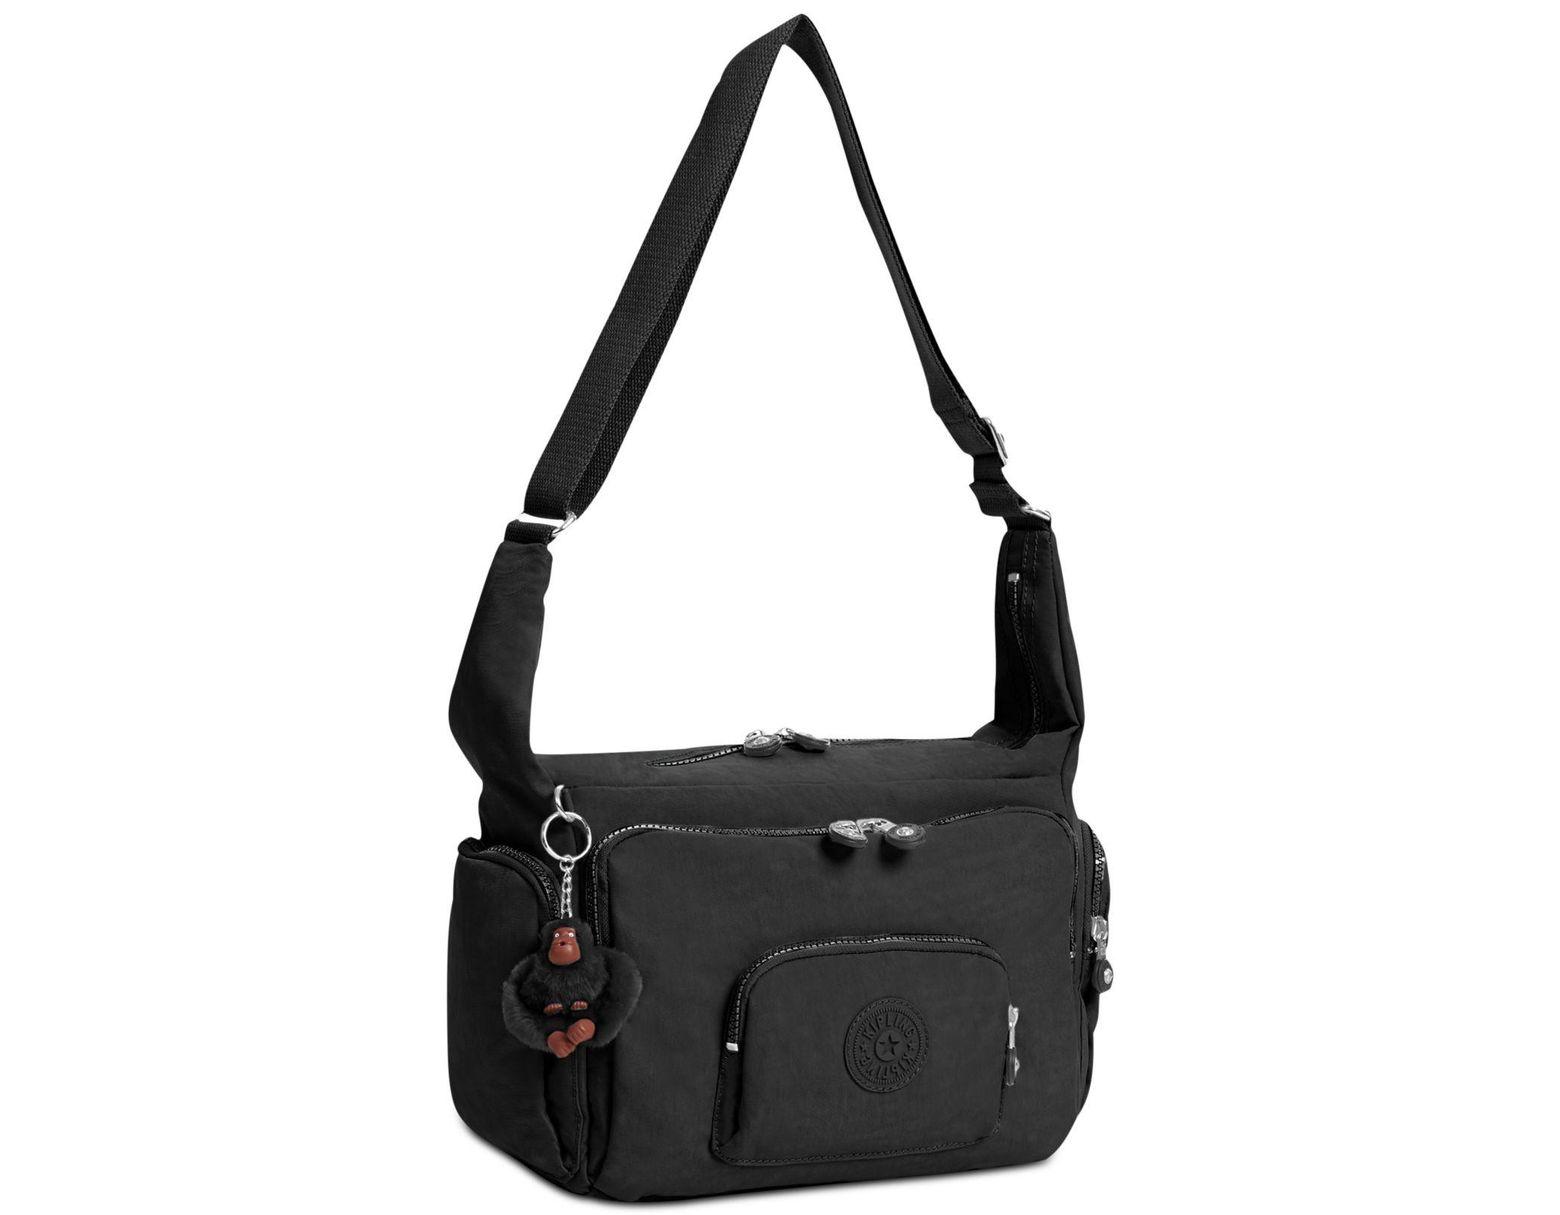 00d8a1f95 Kipling Europa Shoulder Bag in Black - Save 34% - Lyst